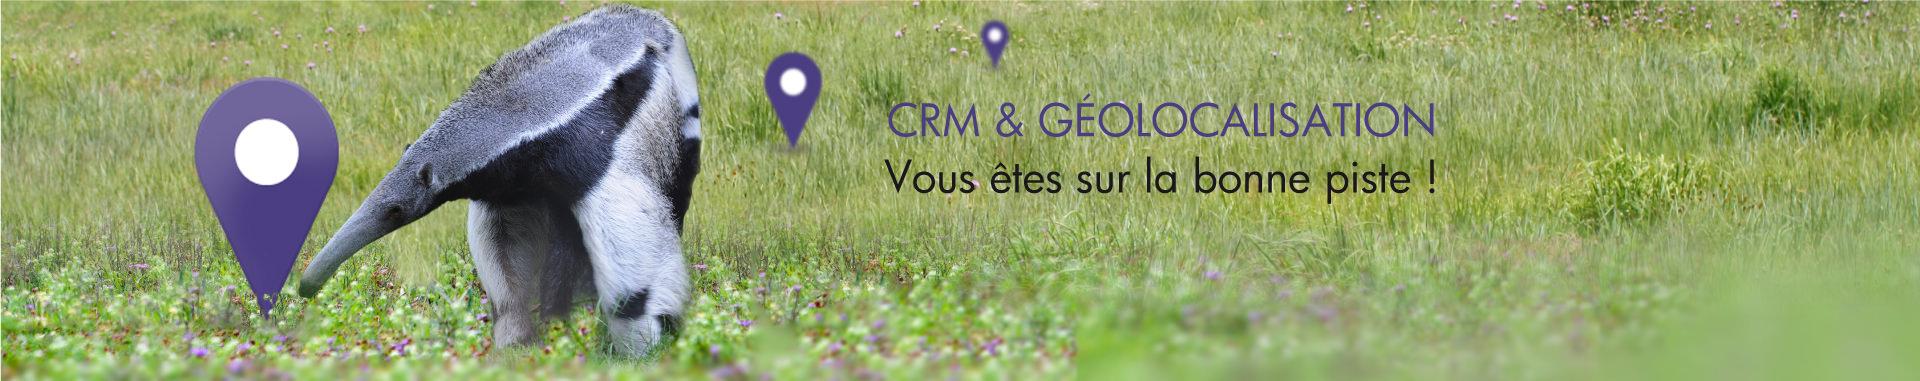 CRM et Géolocalisation : vous êtes sur la bonne piste !